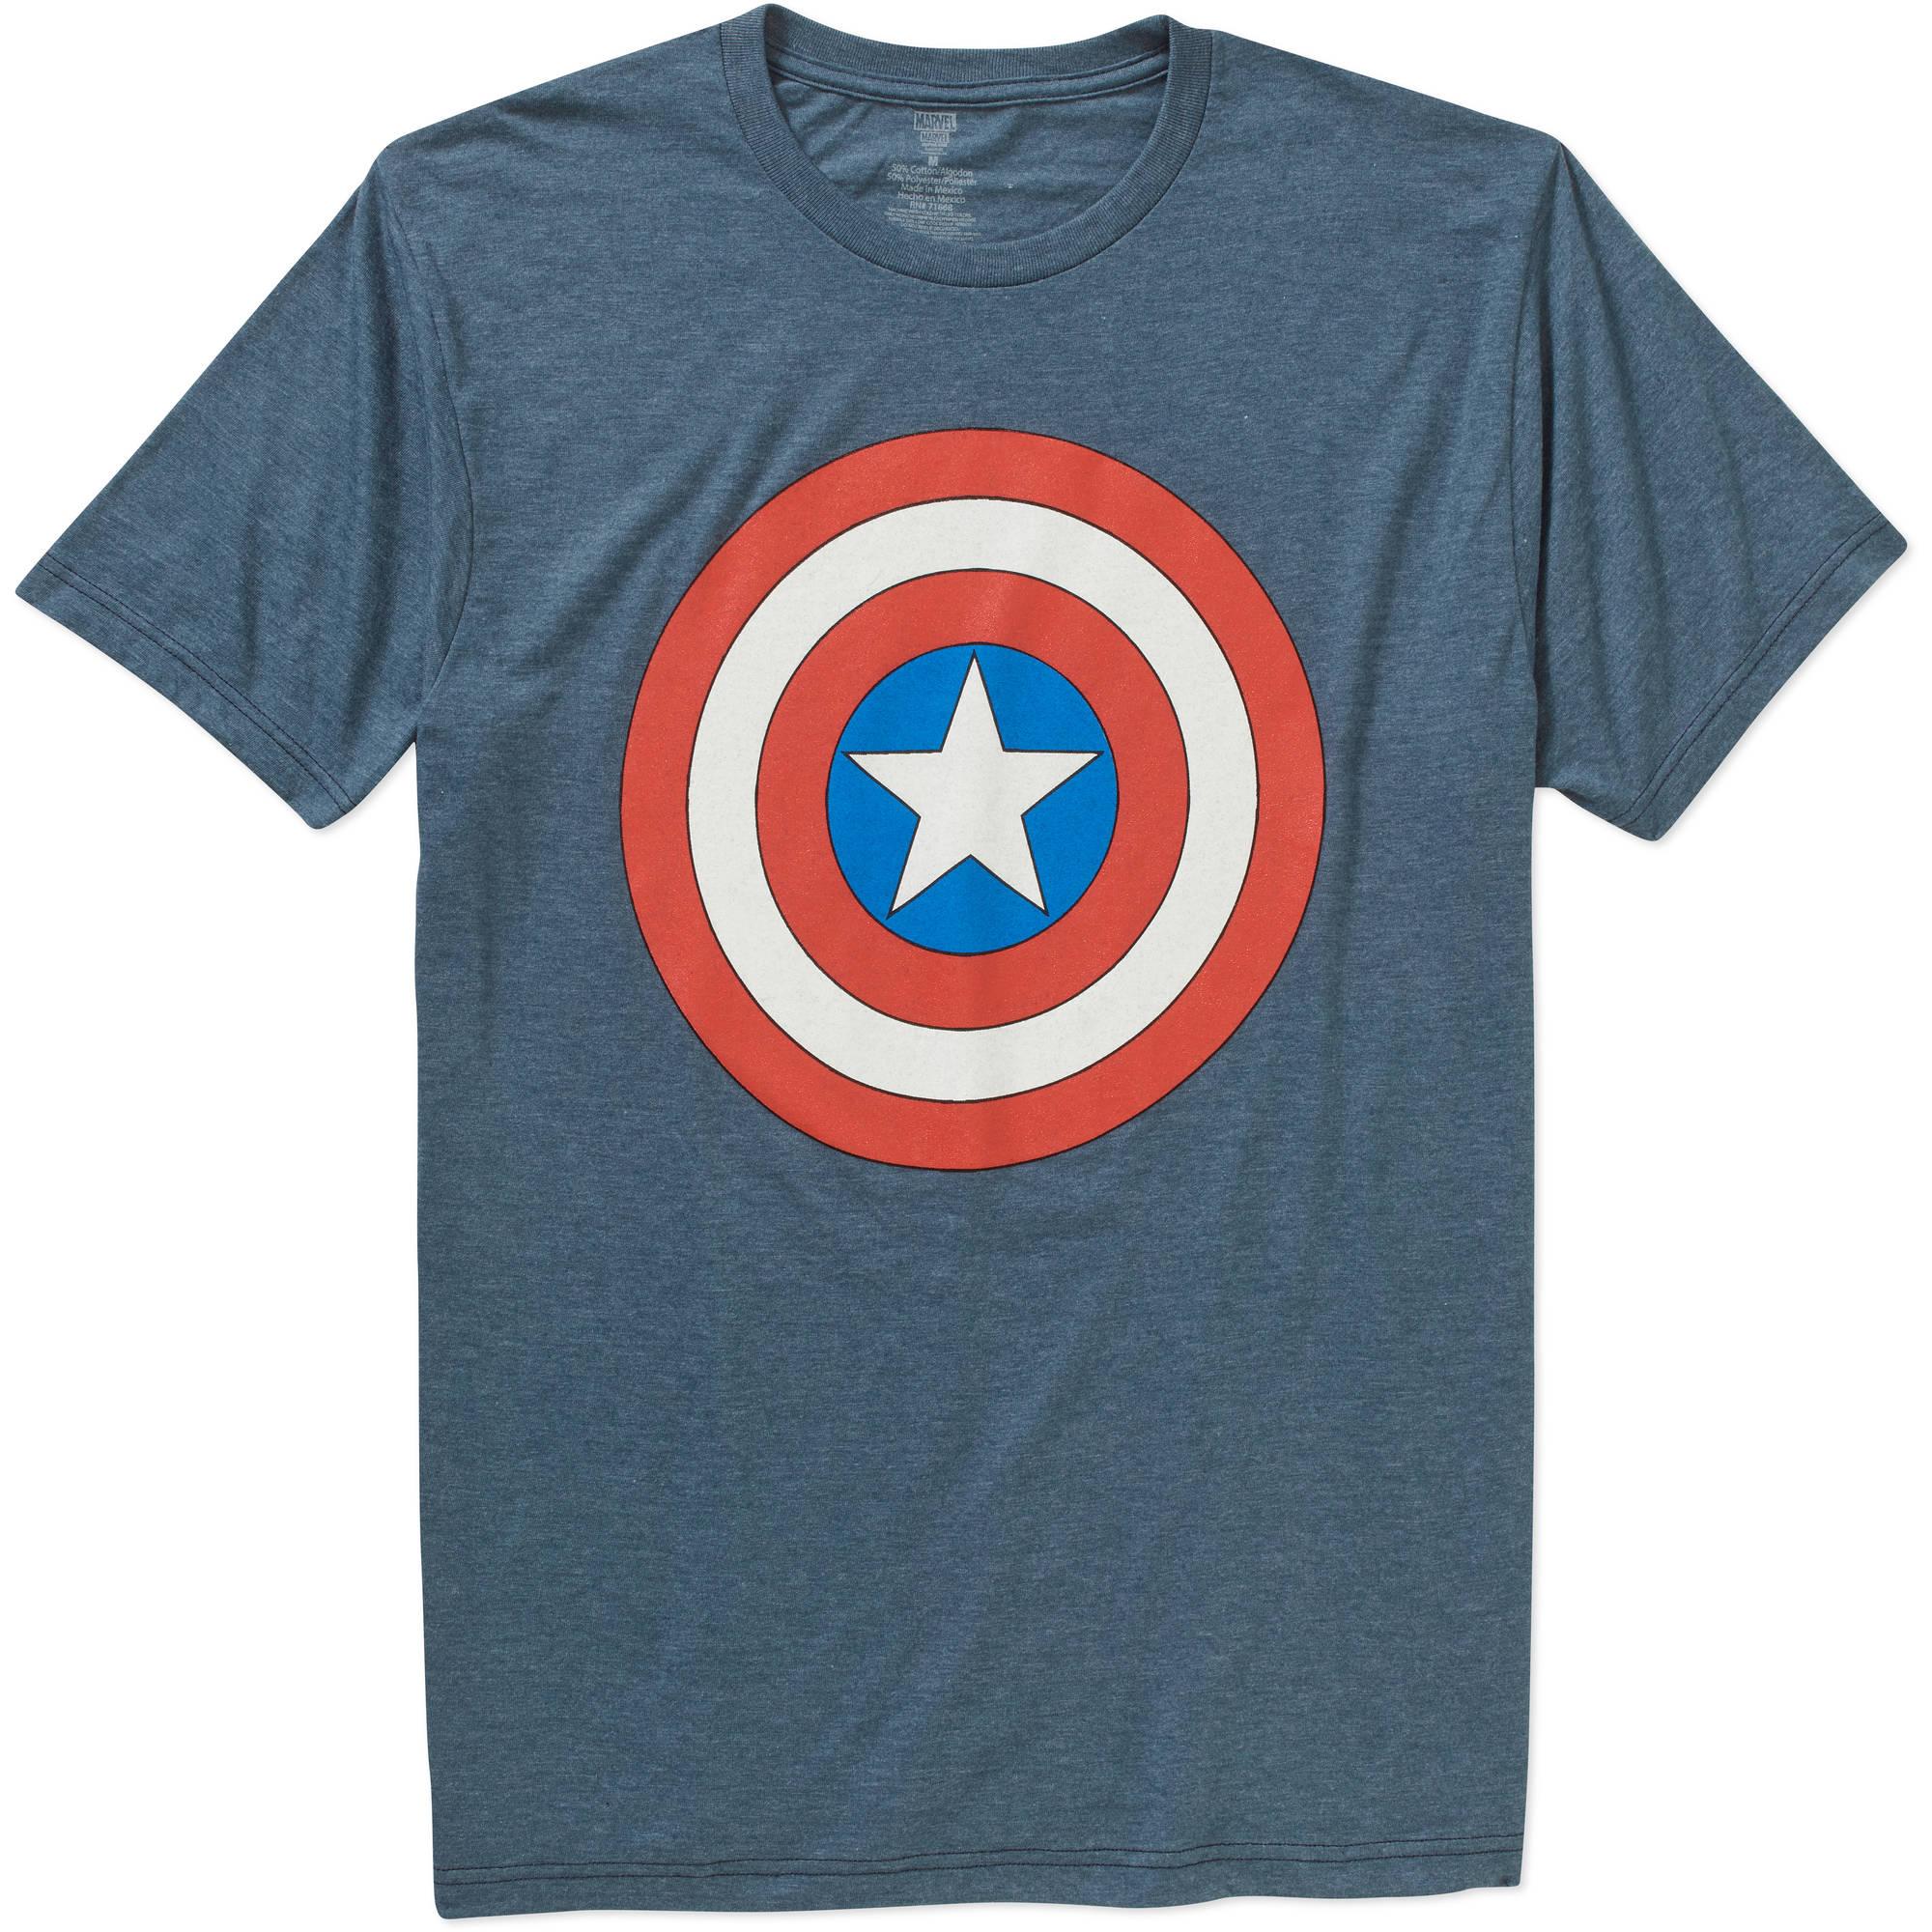 69a63476a6cb Captain America - Walmart.com